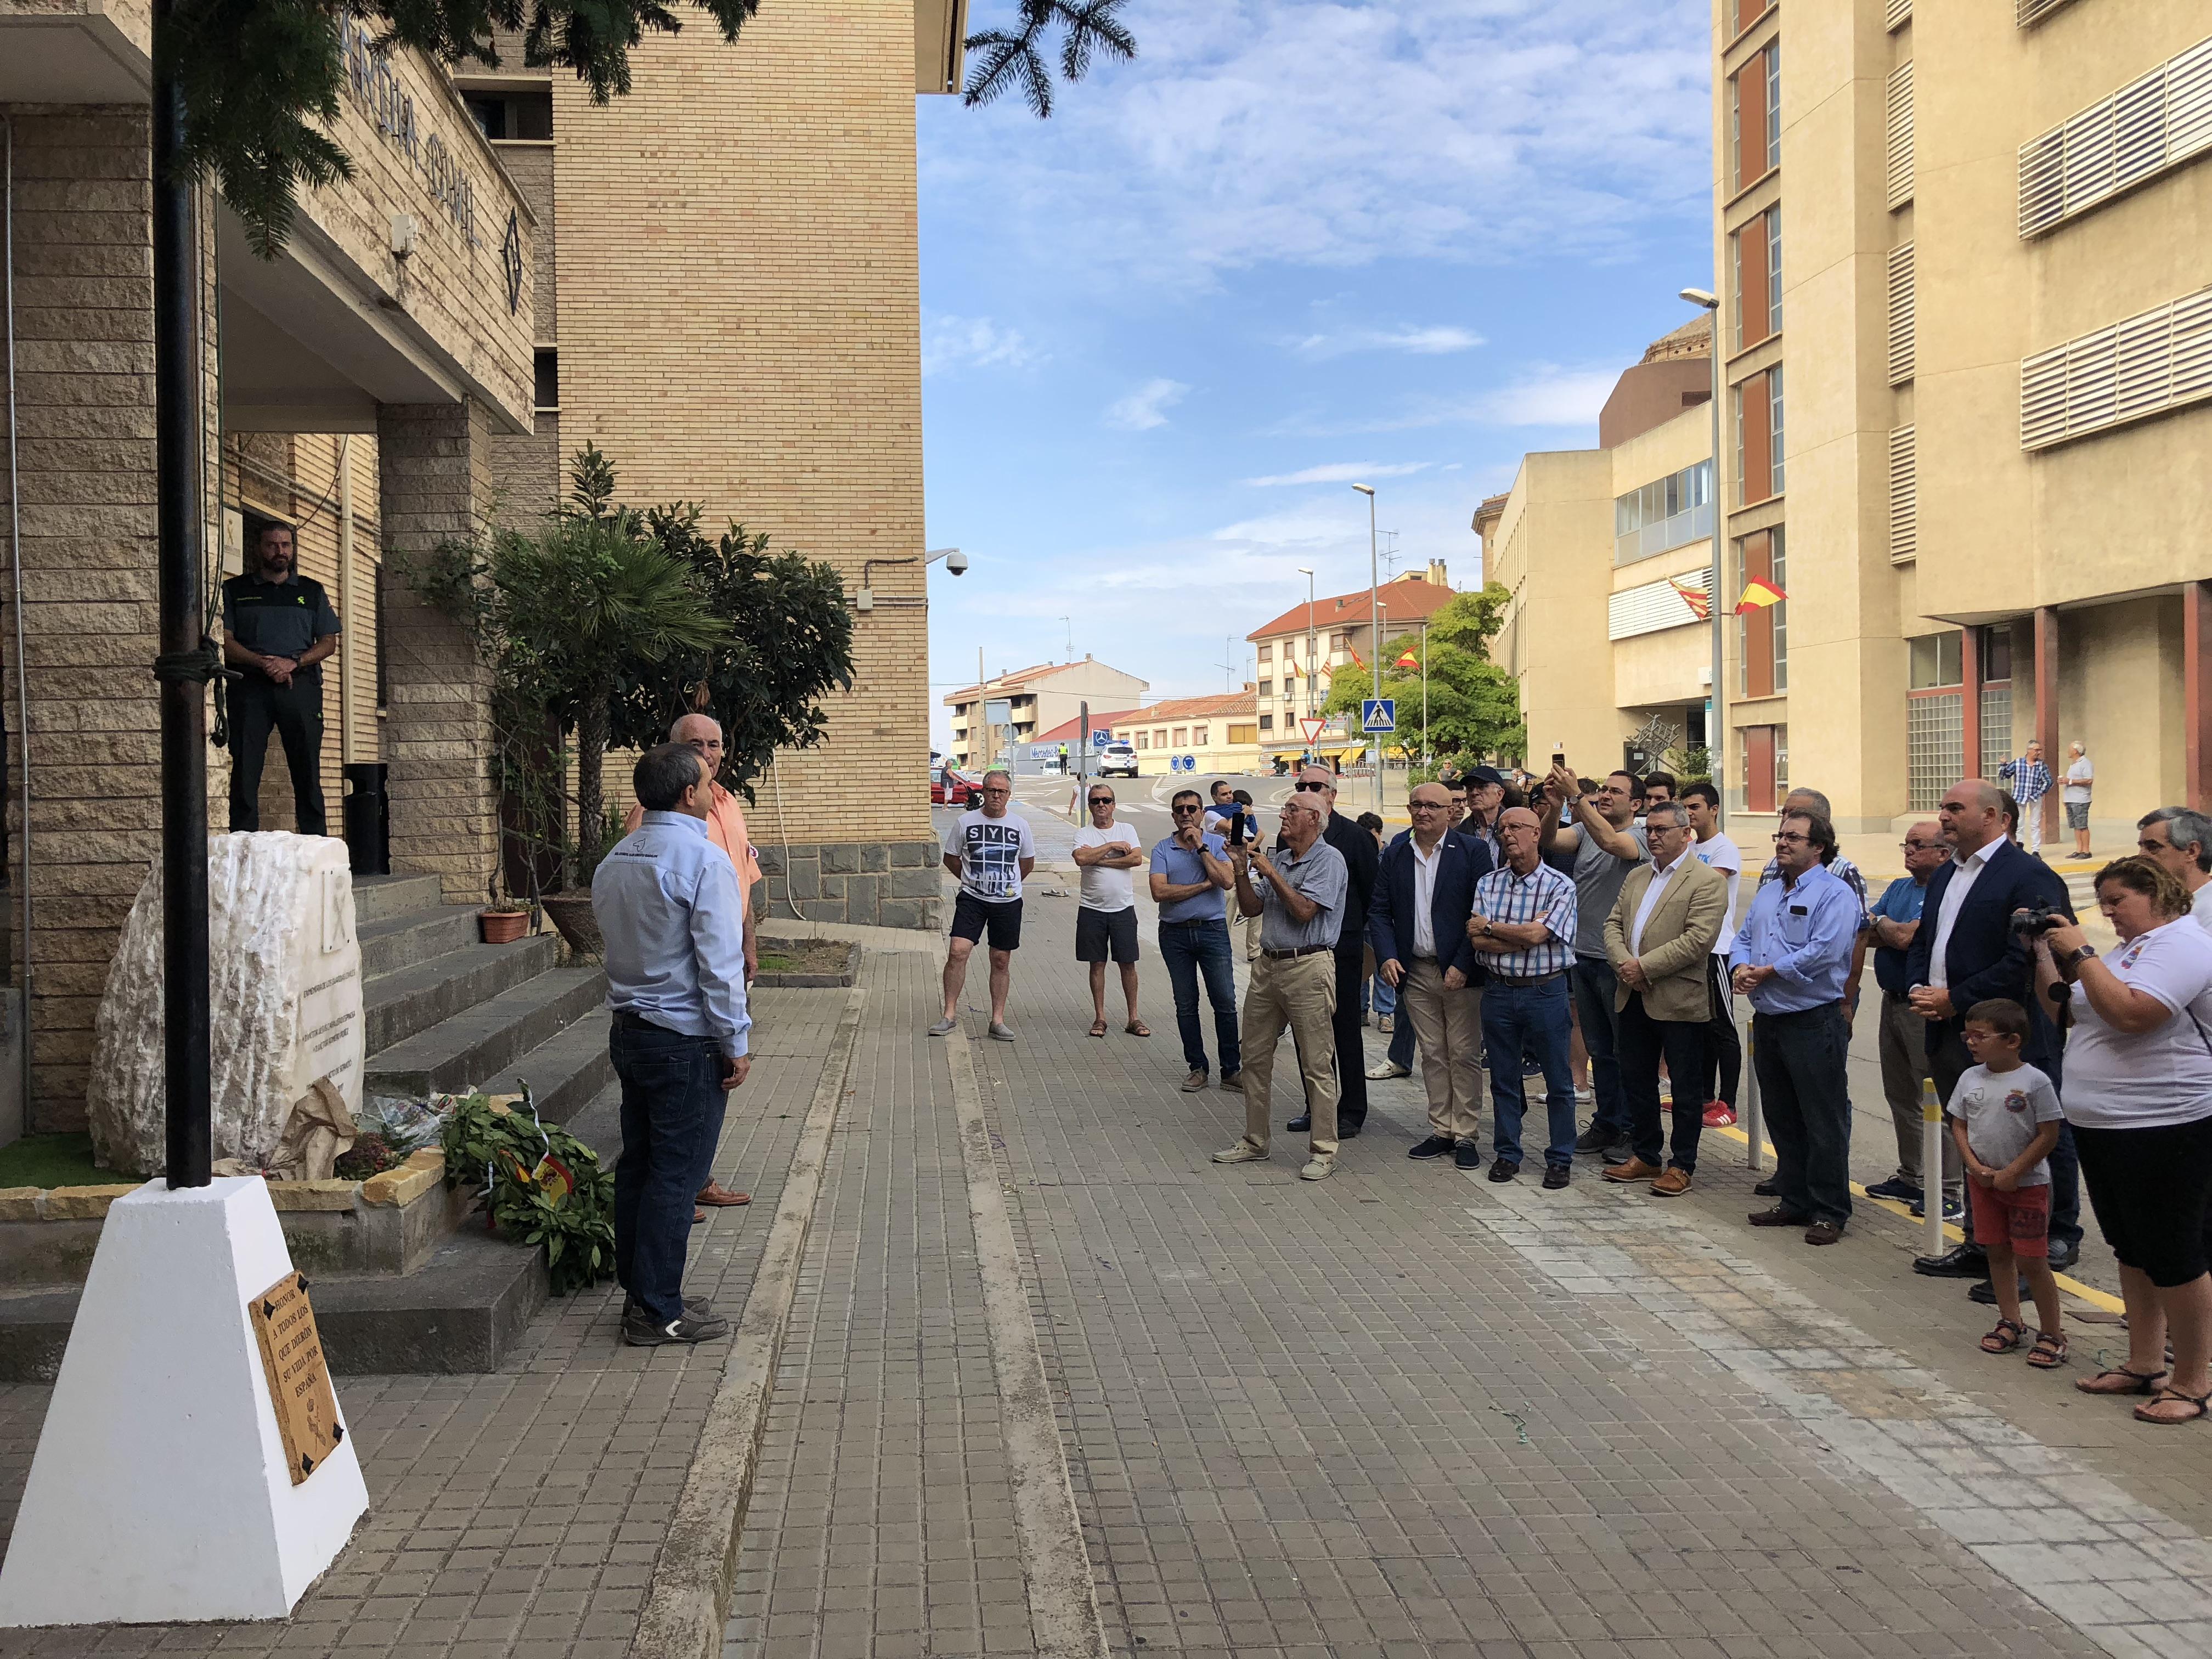 Homenaje a Romero y Caballero, los dos guardias asesinados en Andorra, en el monolito en su honor a las puertas del cuartel de Alcañiz